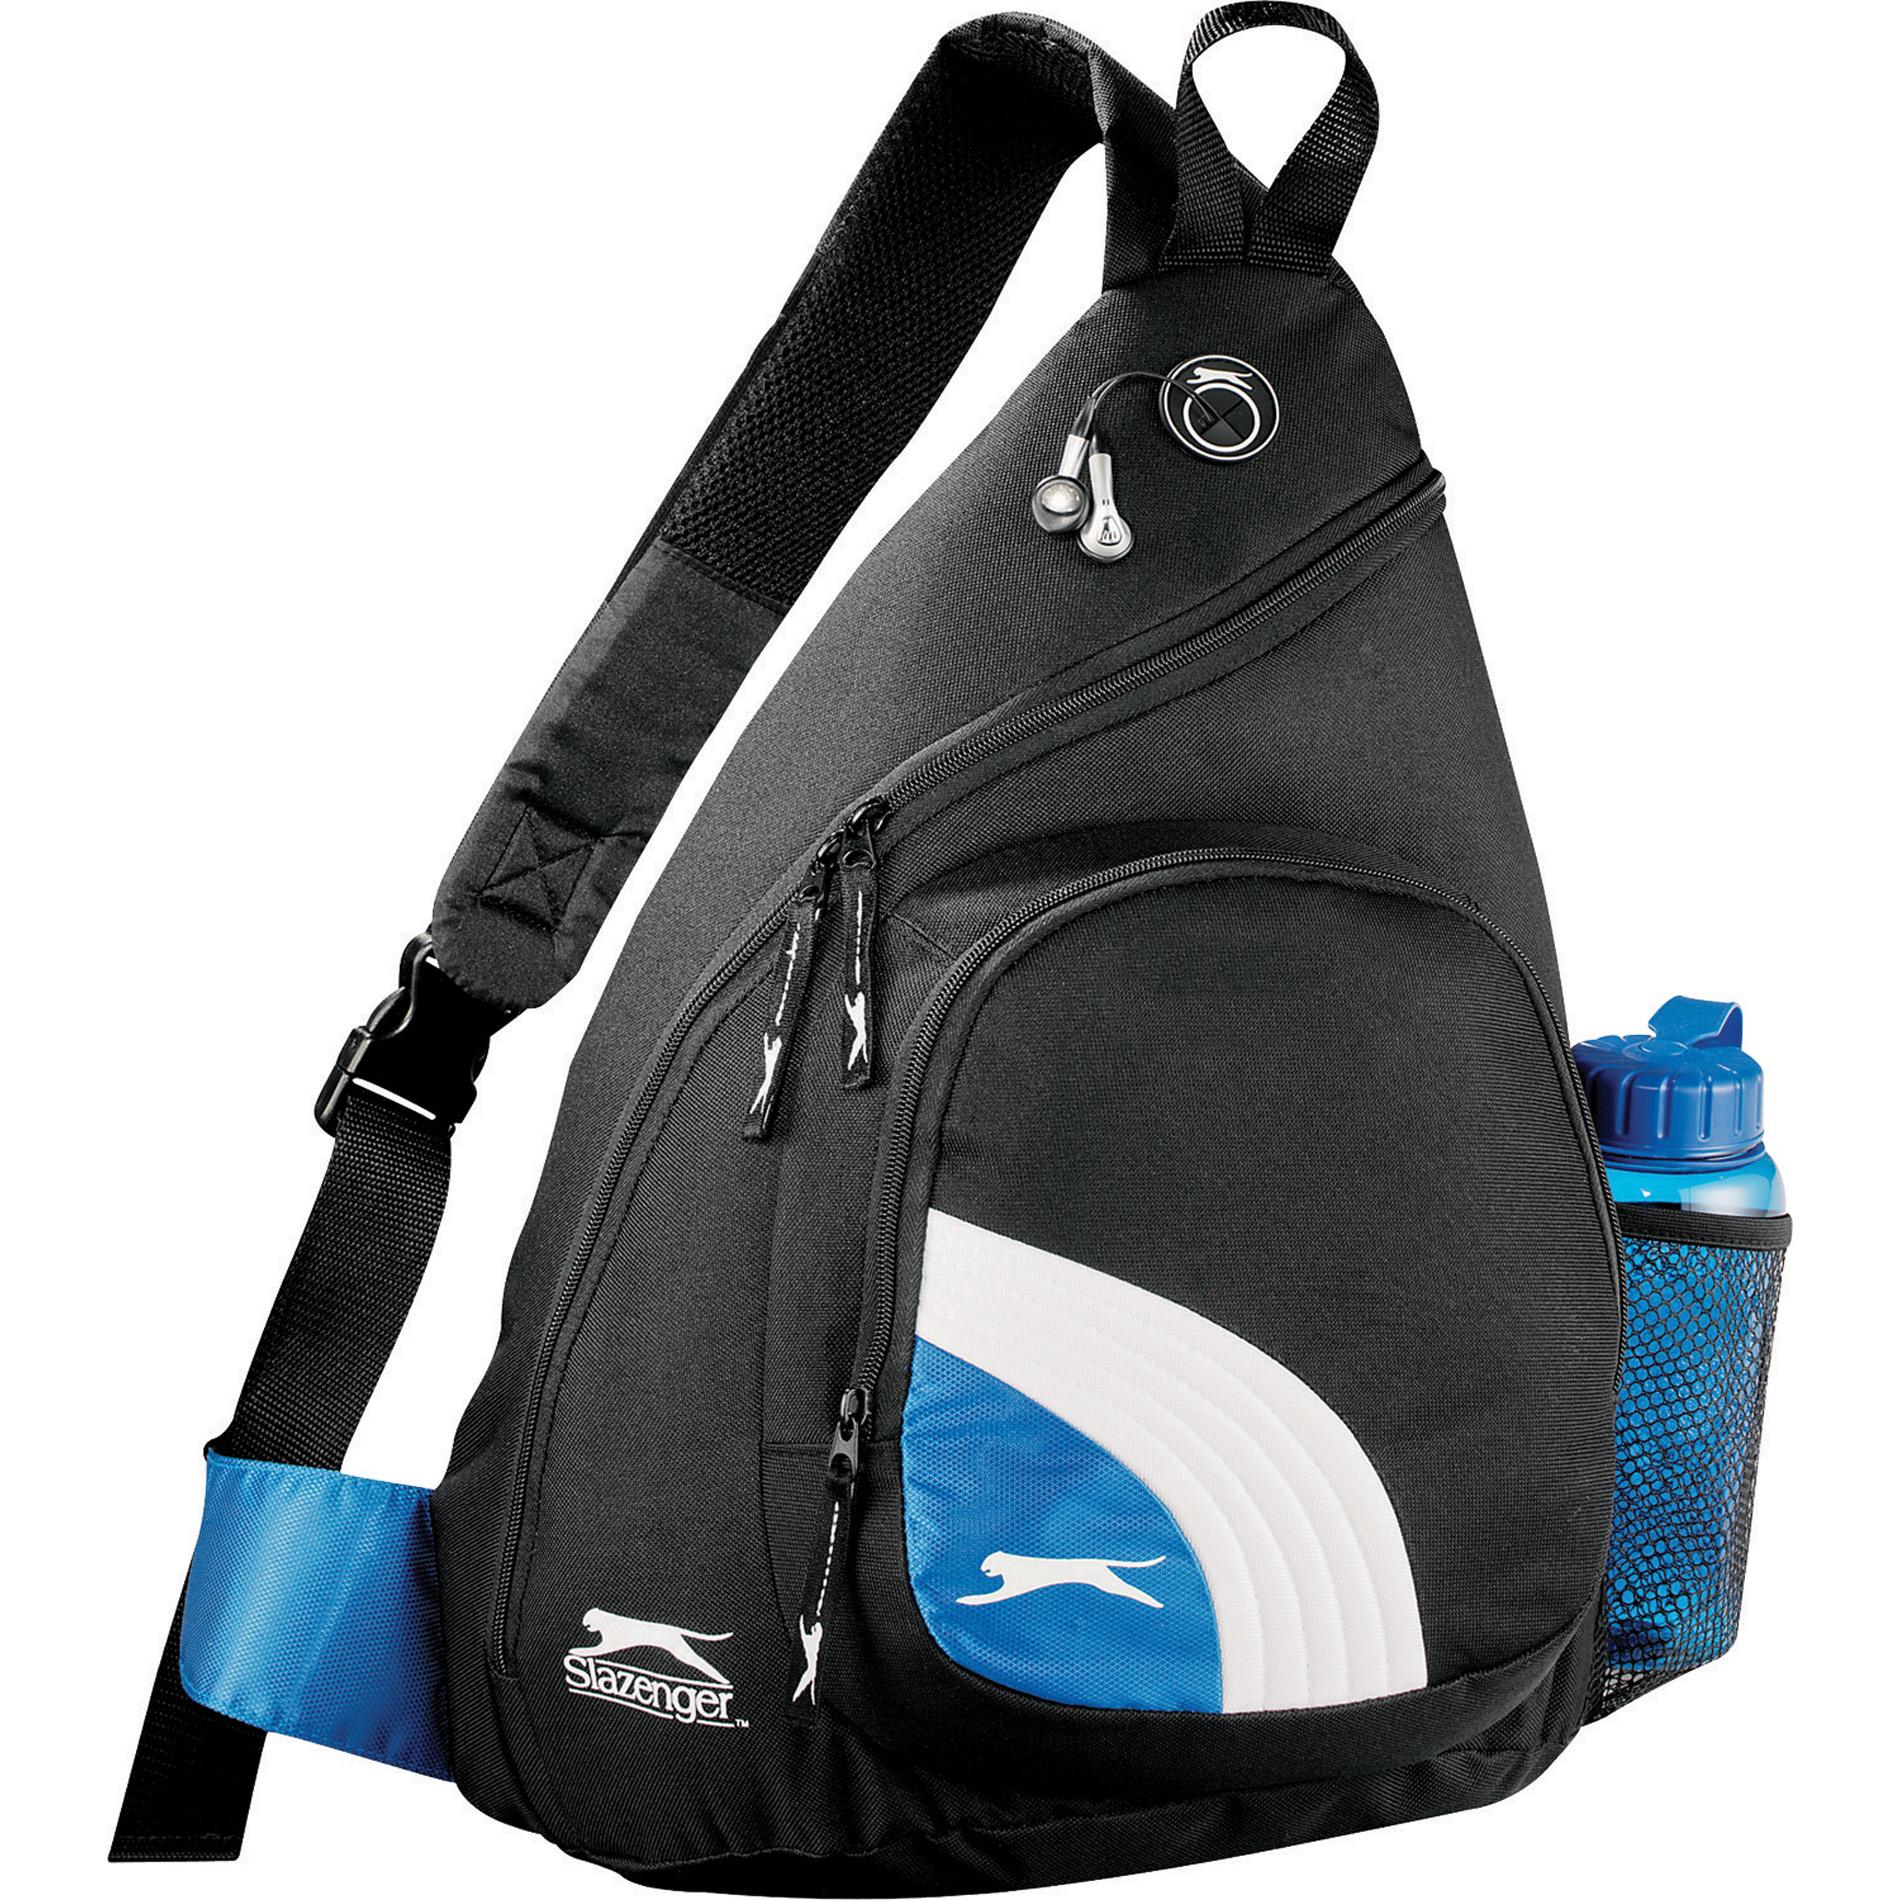 Slazenger 6050-55 - Sport Deluxe Sling Backpack